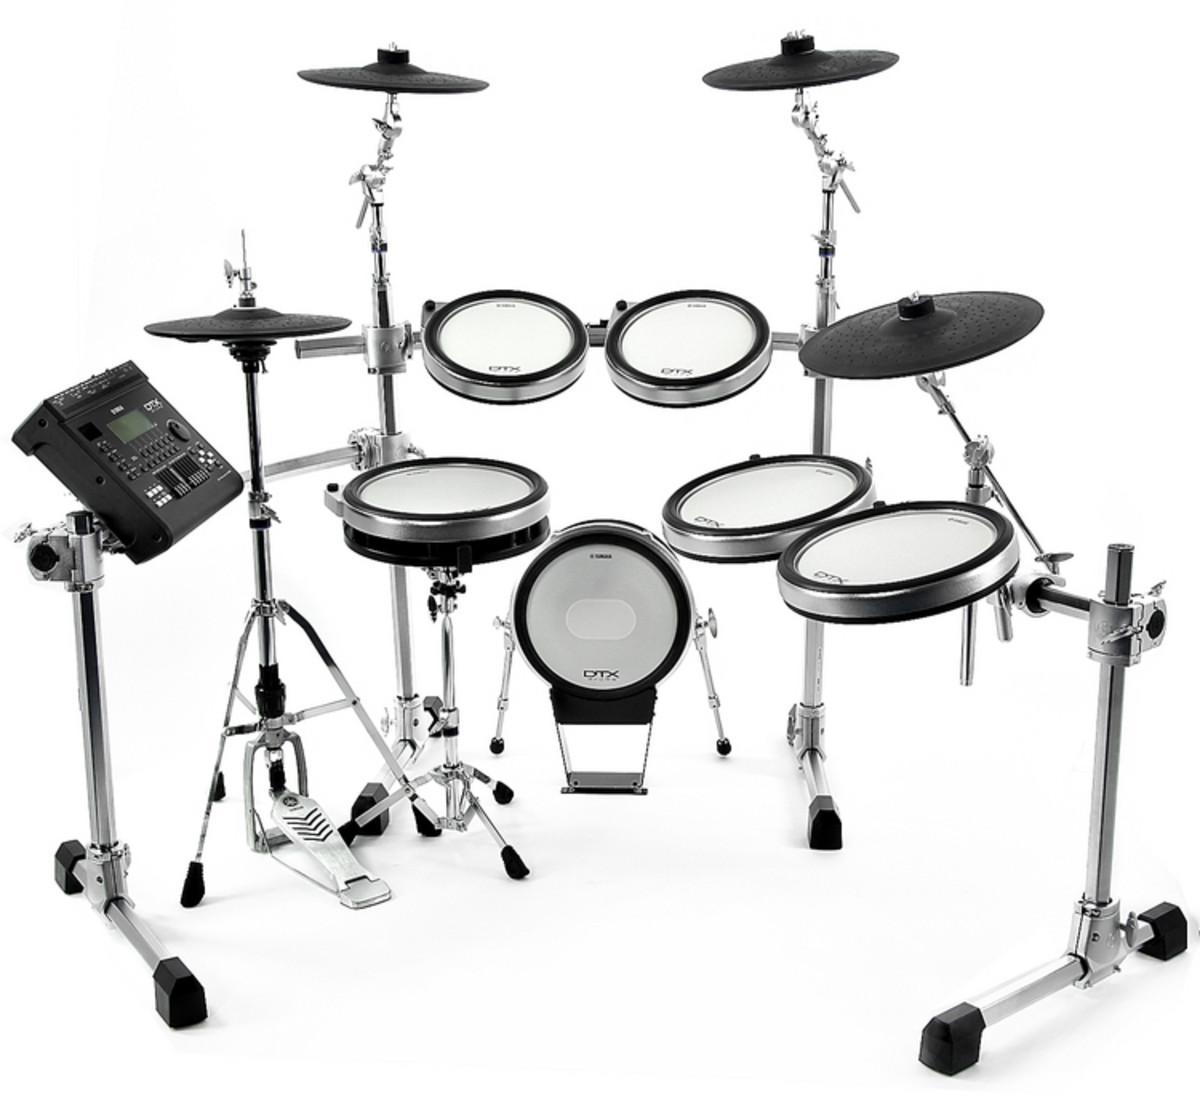 disc yamaha dtx950 digital drum kit at gear4music. Black Bedroom Furniture Sets. Home Design Ideas